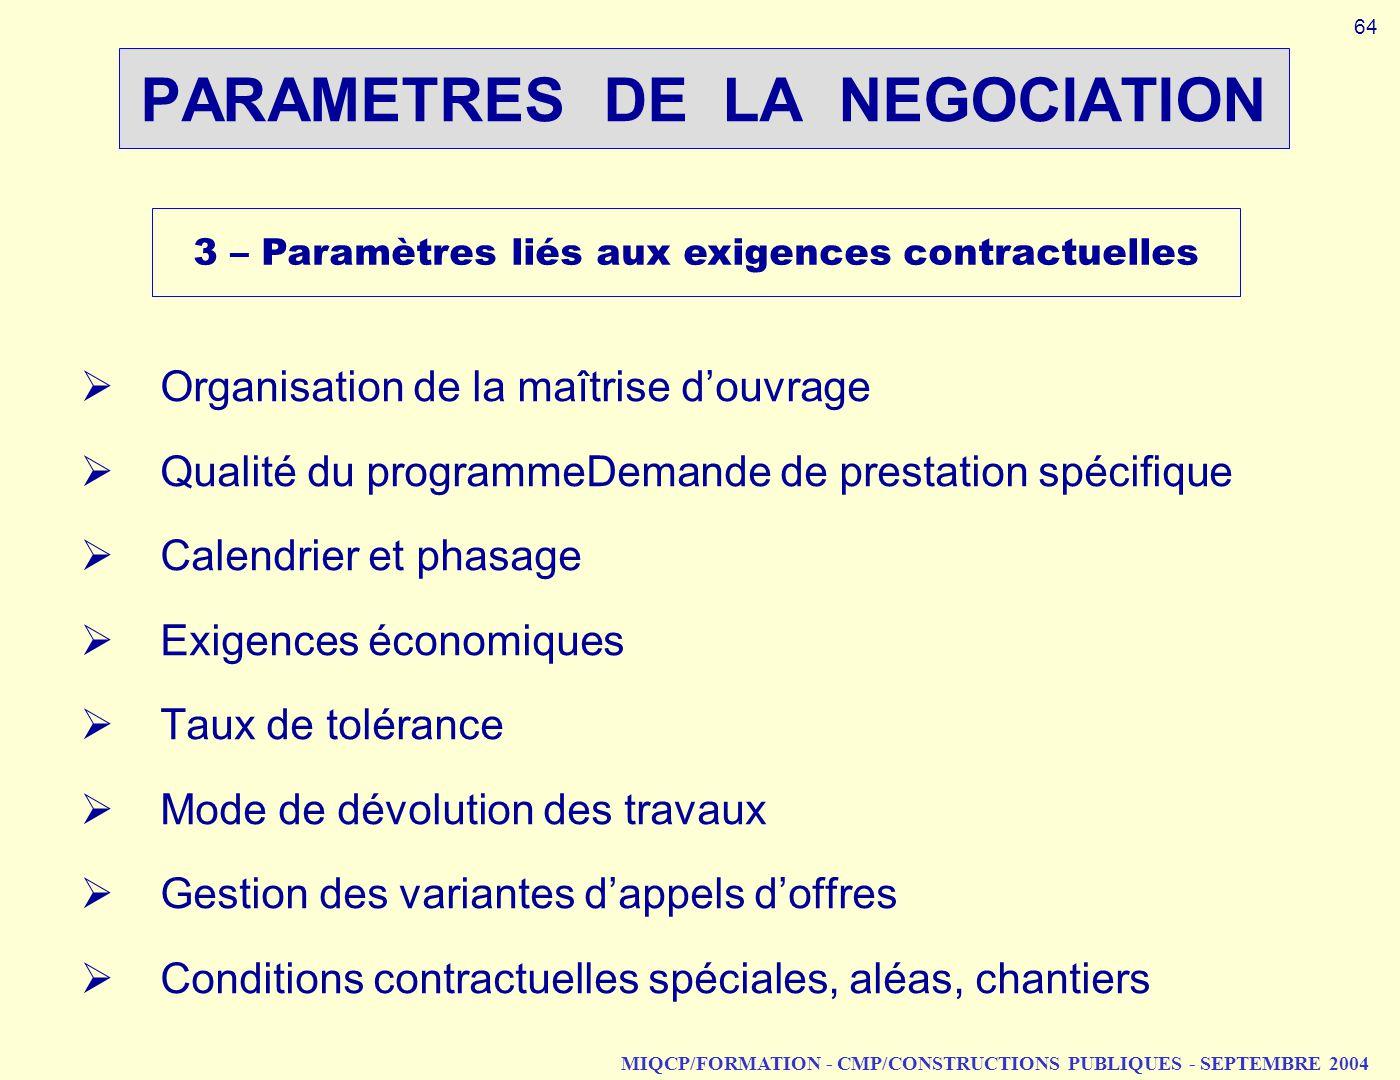 MIQCP/FORMATION - CMP/CONSTRUCTIONS PUBLIQUES - SEPTEMBRE 2004 PARAMETRES DE LA NEGOCIATION 3 – Paramètres liés aux exigences contractuelles Organisat